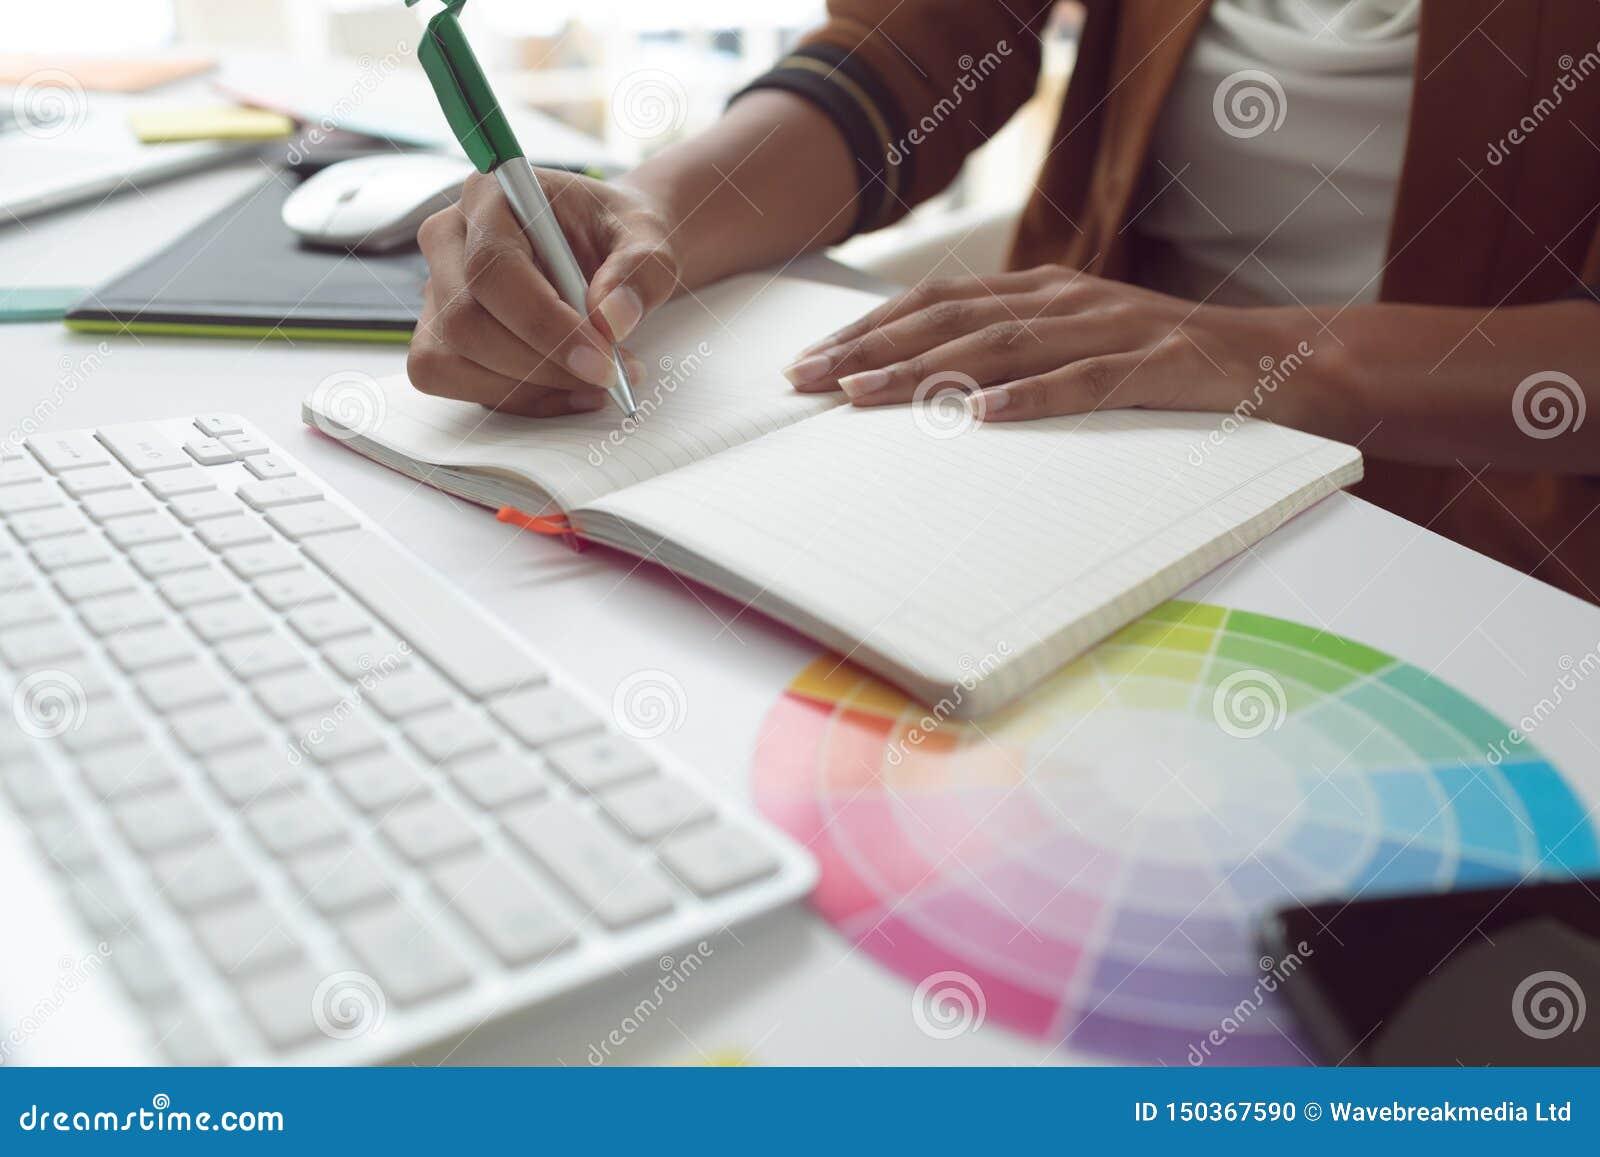 Escrita fêmea do designer gráfico no diário na mesa em um escritório moderno